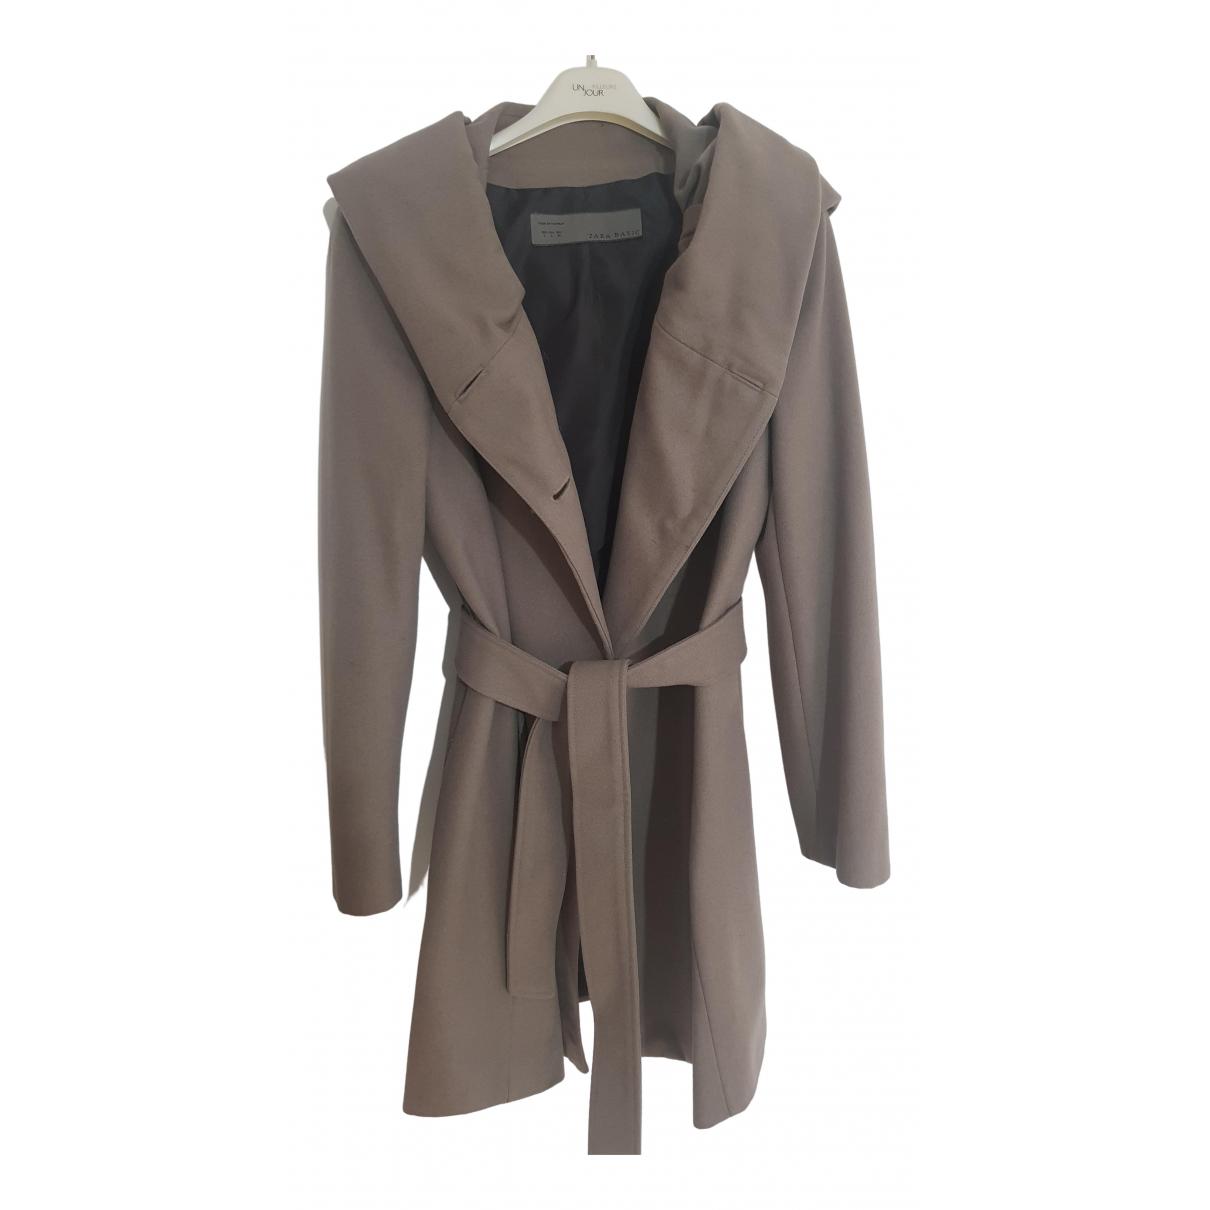 Zara - Manteau   pour femme en laine - anthracite